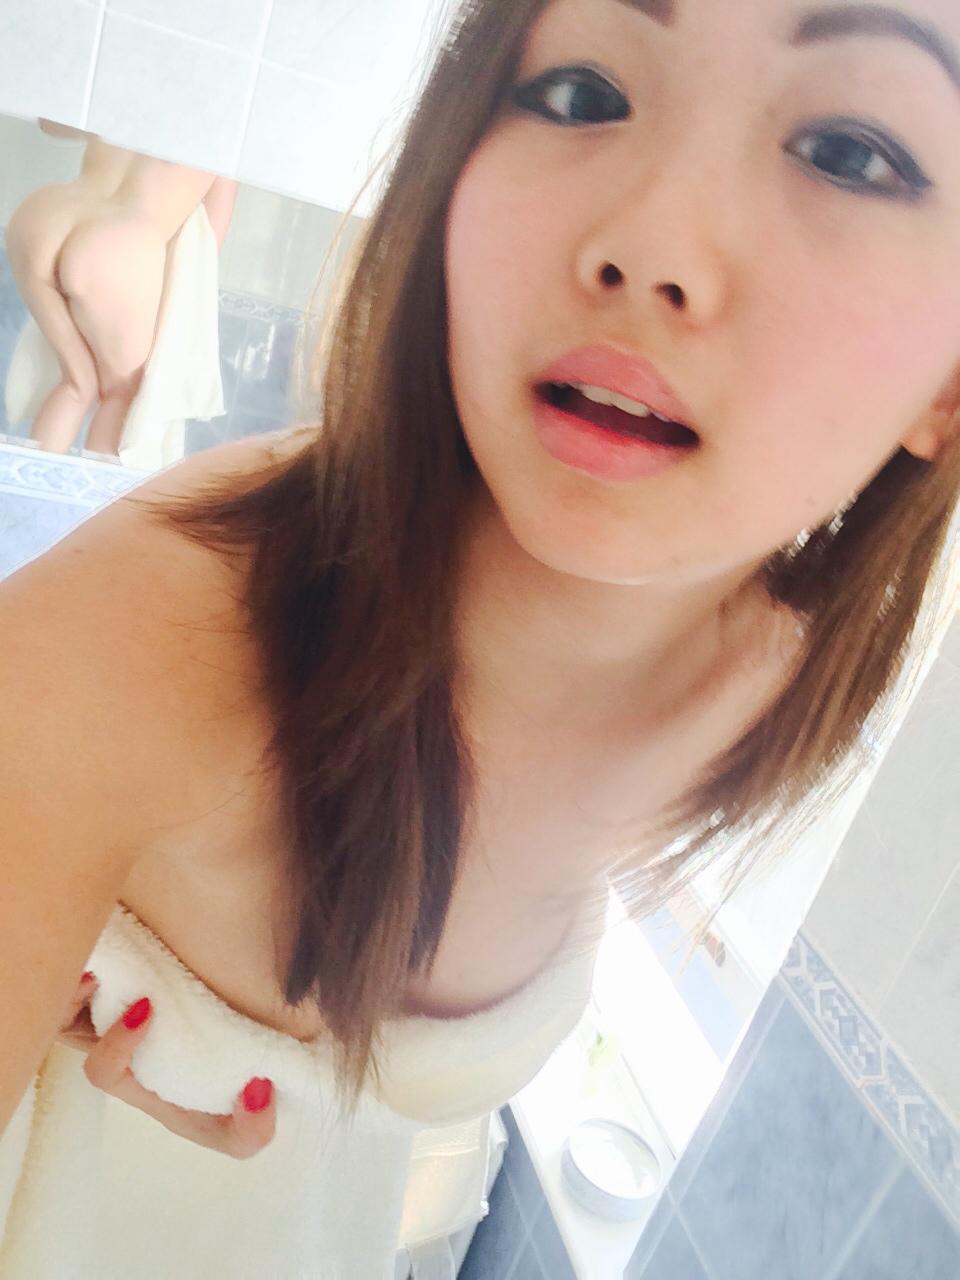 19yo sexy non nude 1 8